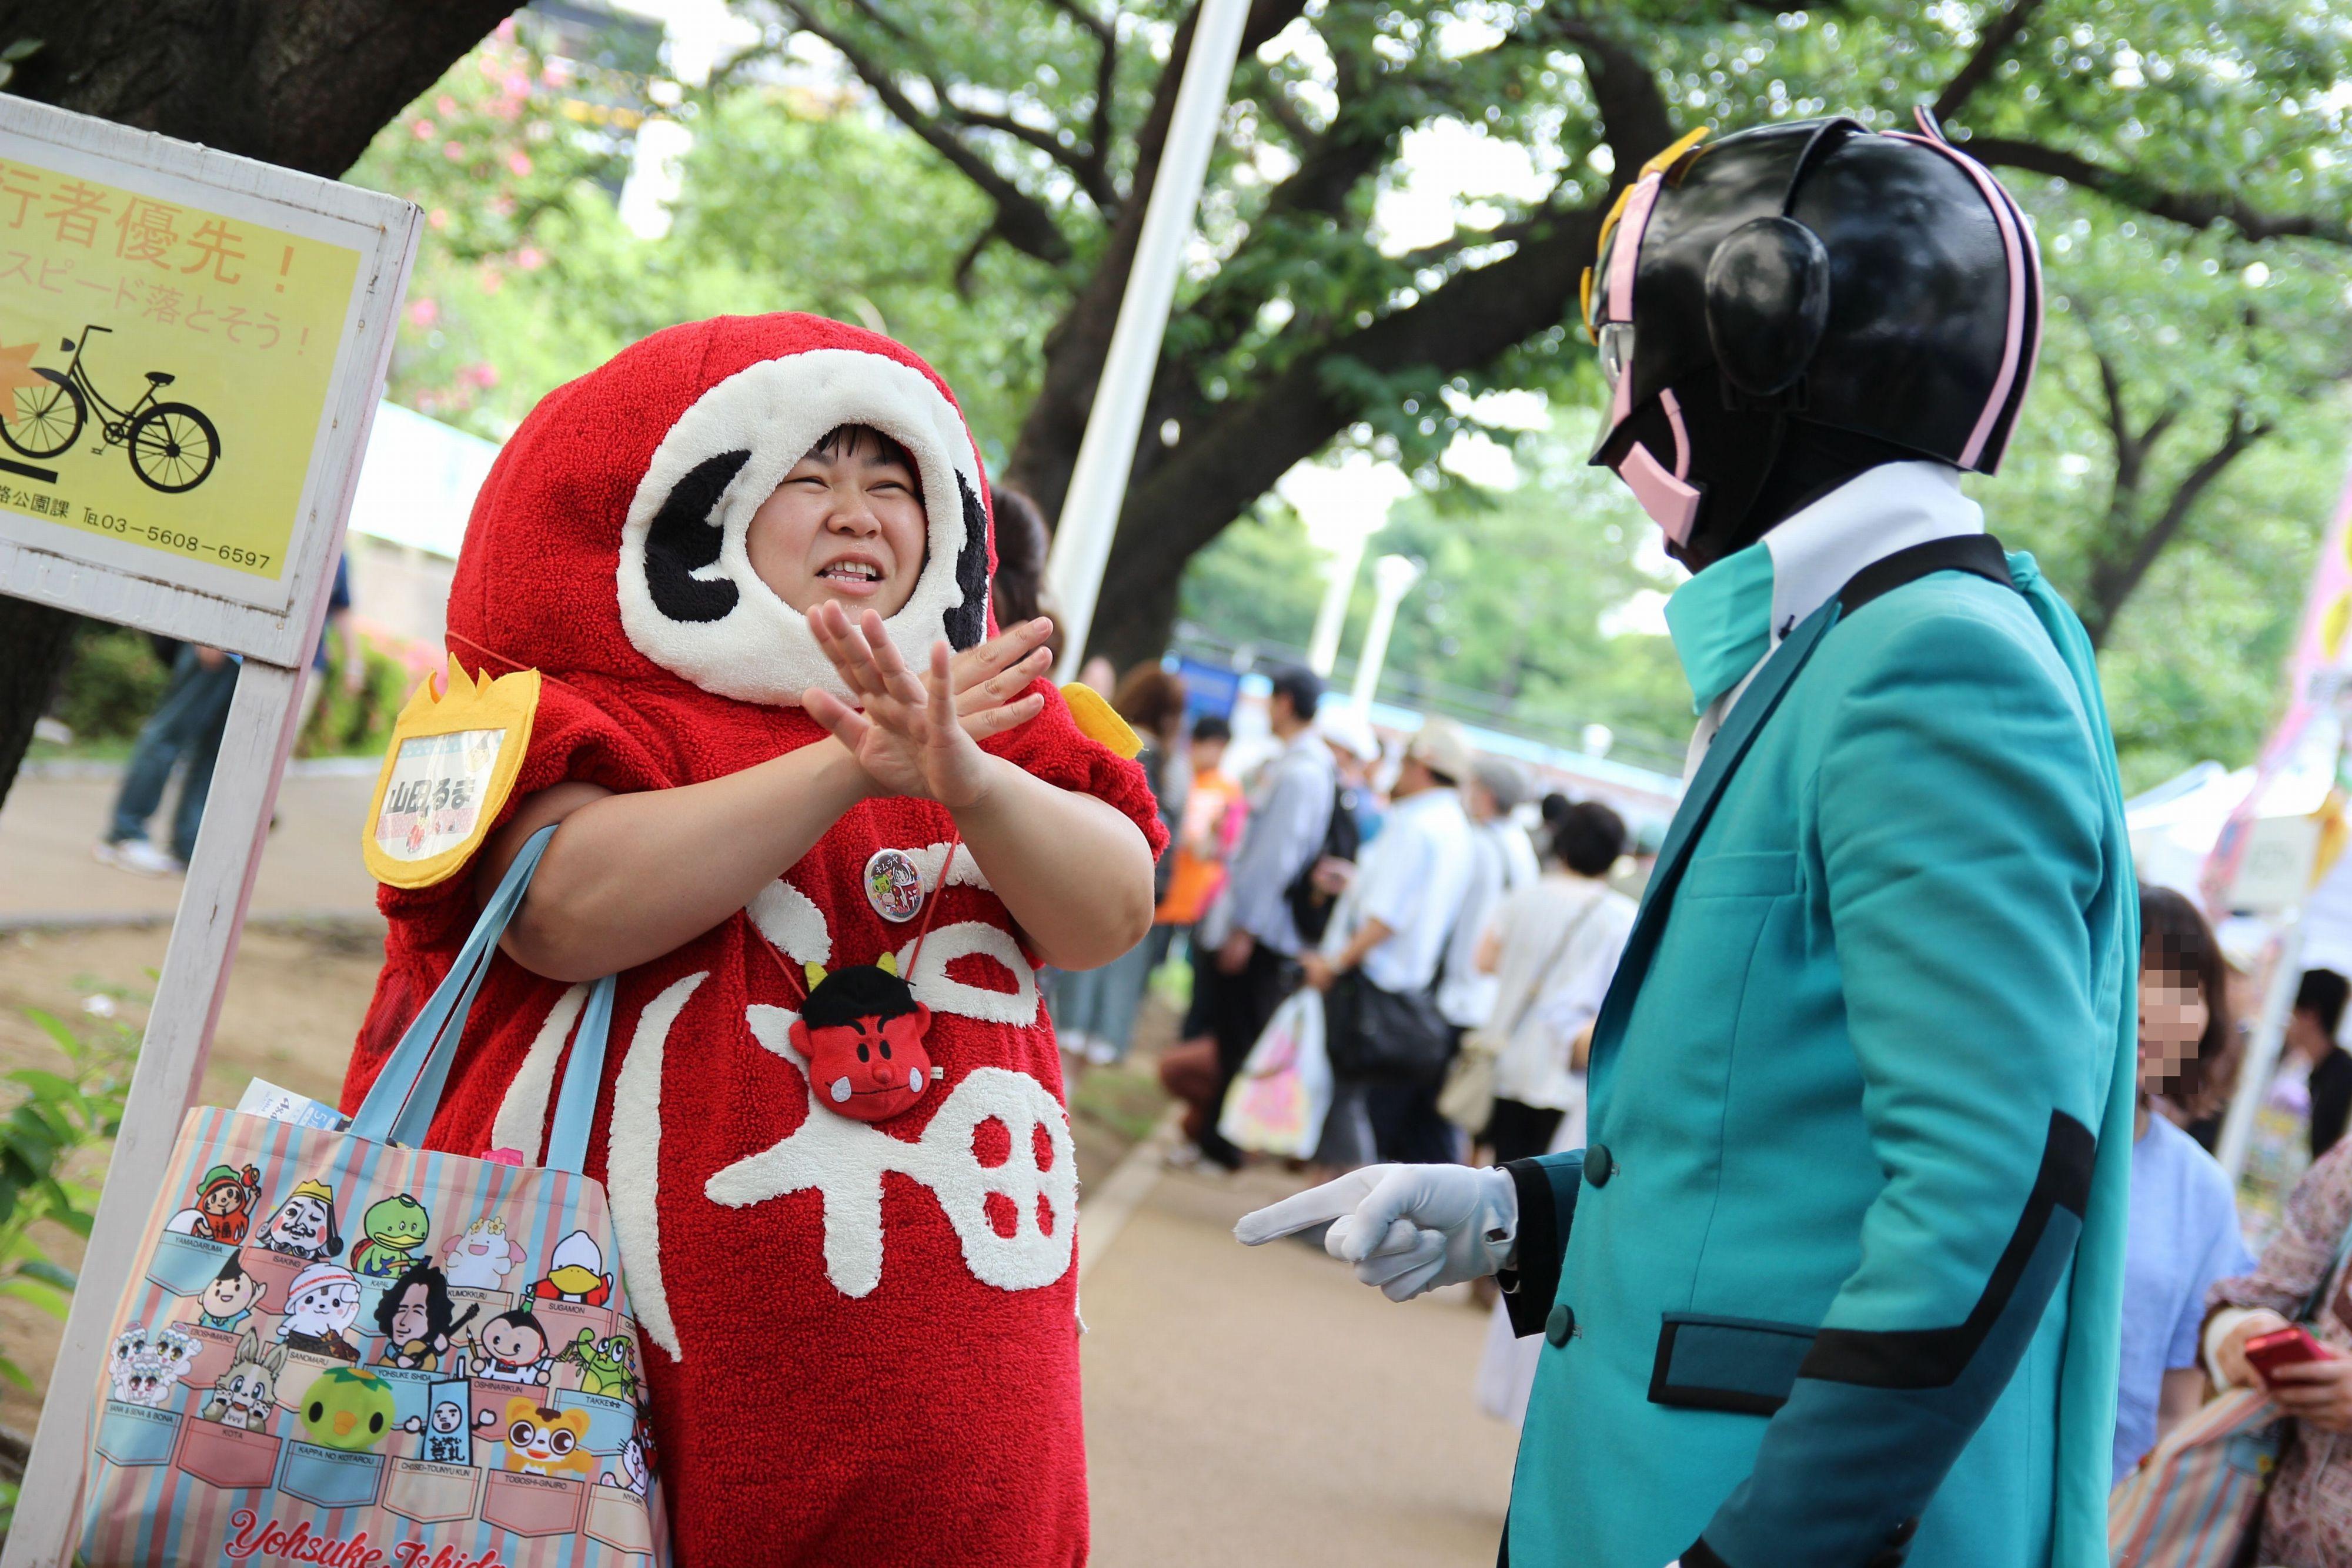 ご当地キャラクターフェスティバル in すみだ2015~ 墨田区・東京スカイツリータウン ・地元商店街墨田区観光協会が一丸となって域を盛り上げます ~1日目